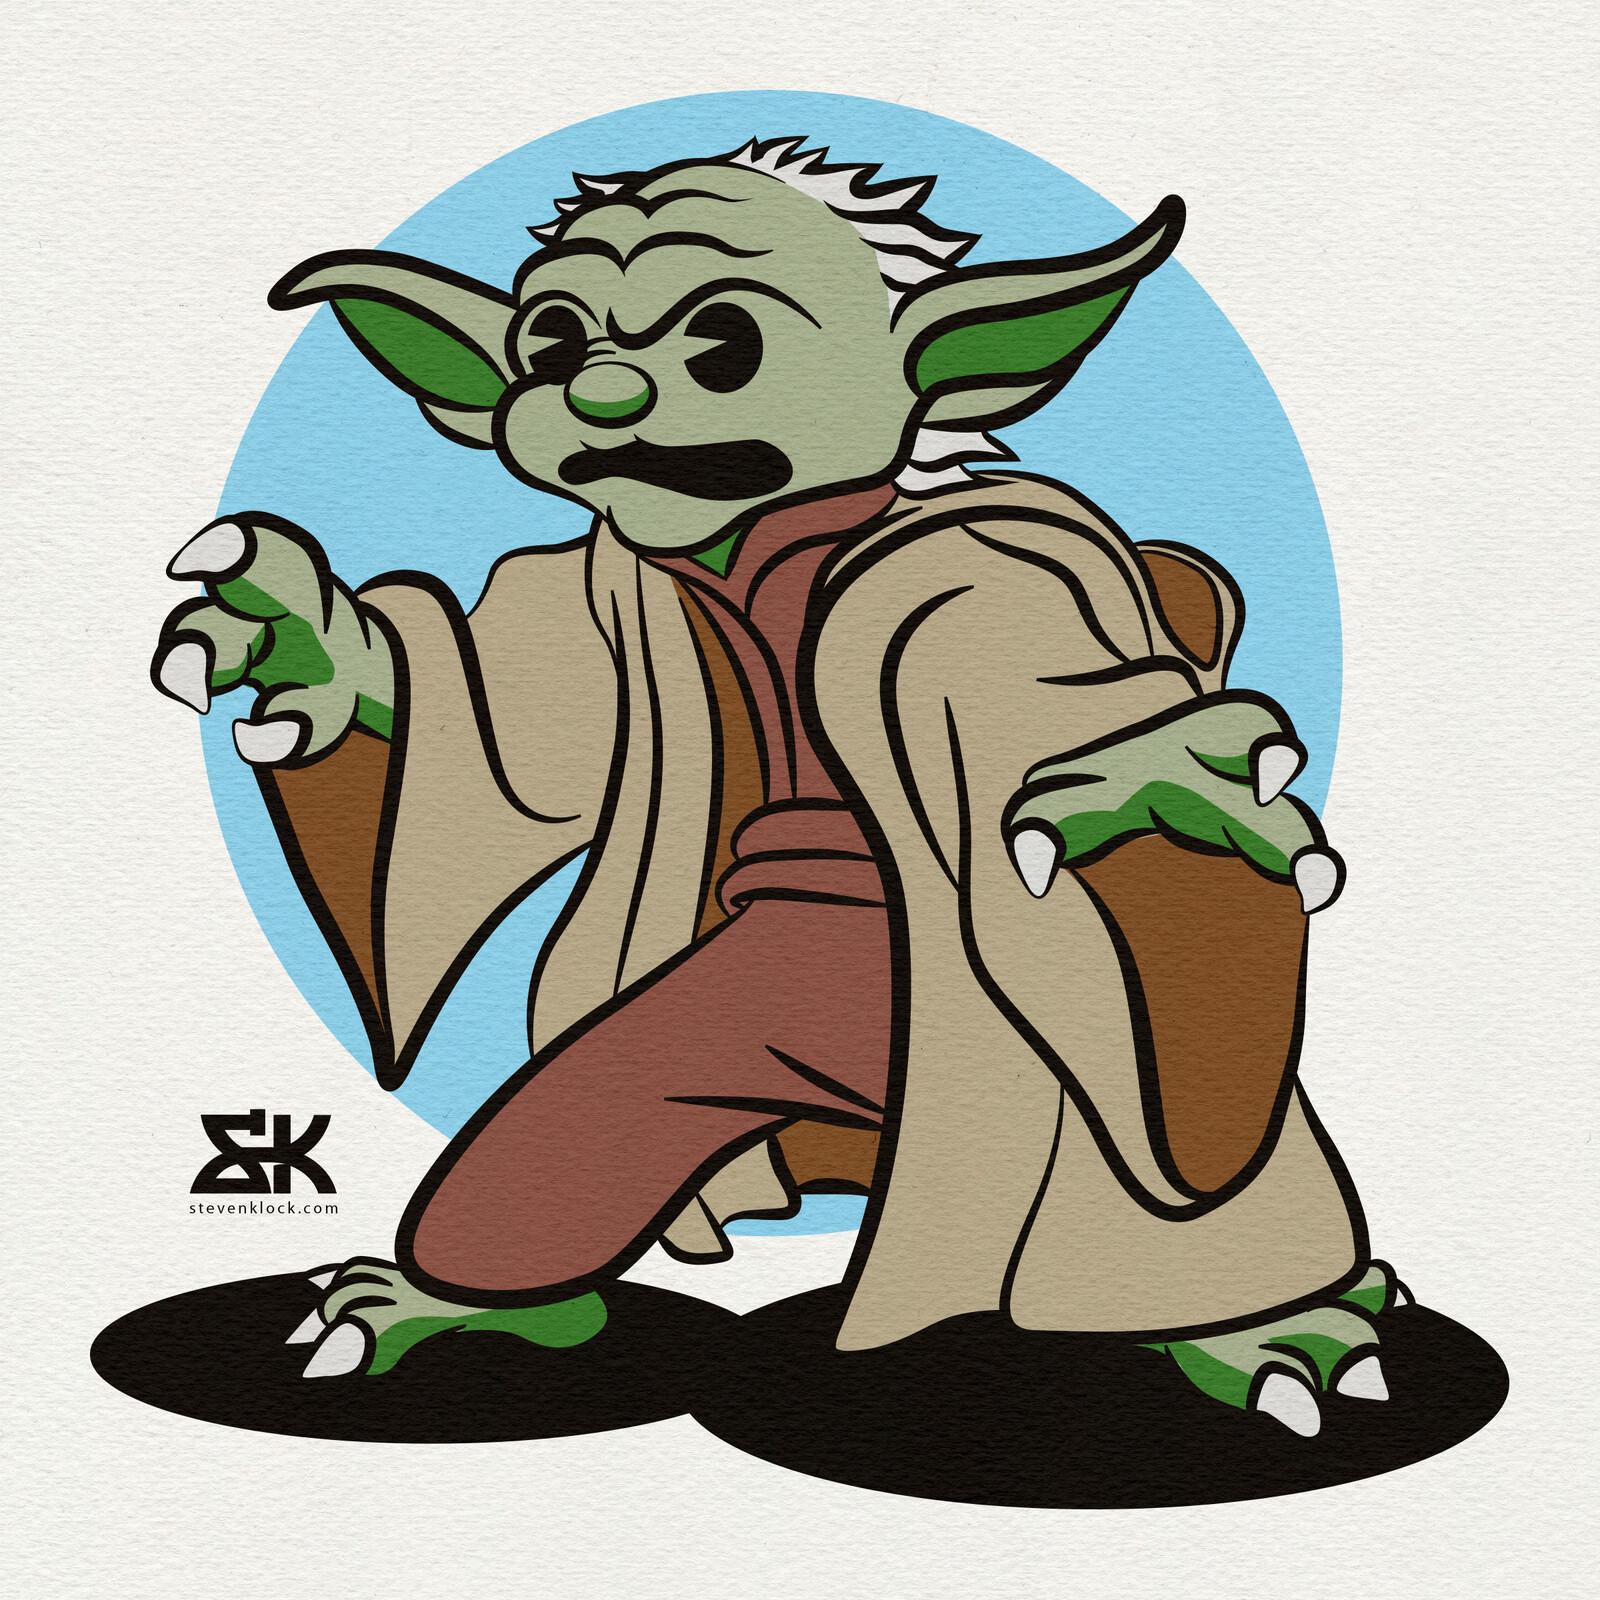 Retro Yoda